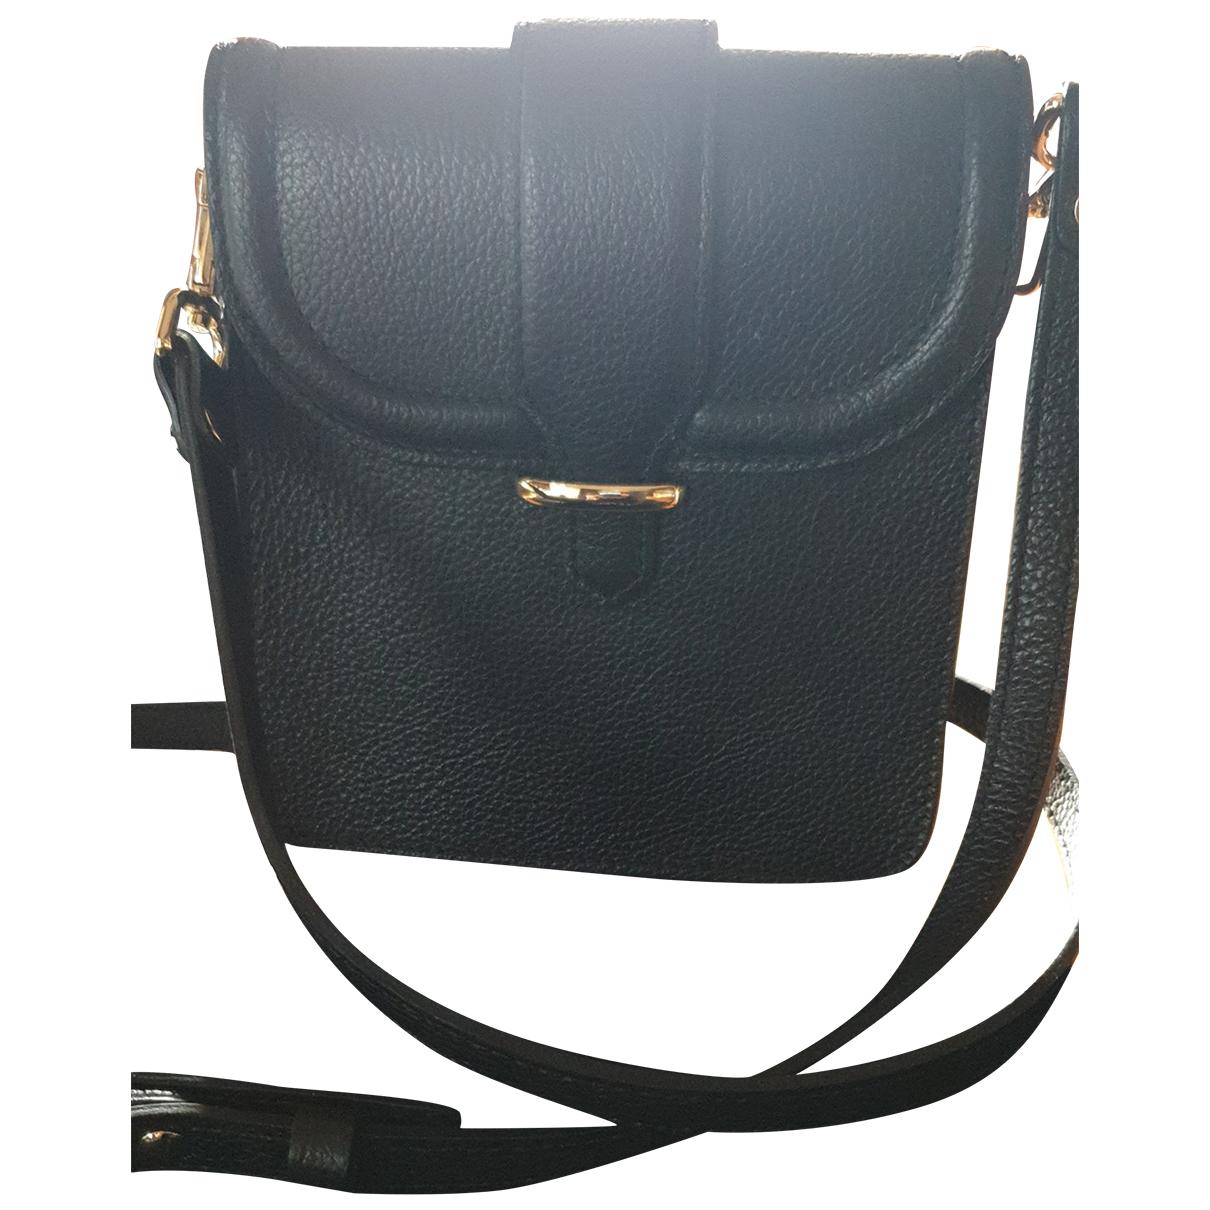 Gianni Chiarini N Black Leather Clutch bag for Women N